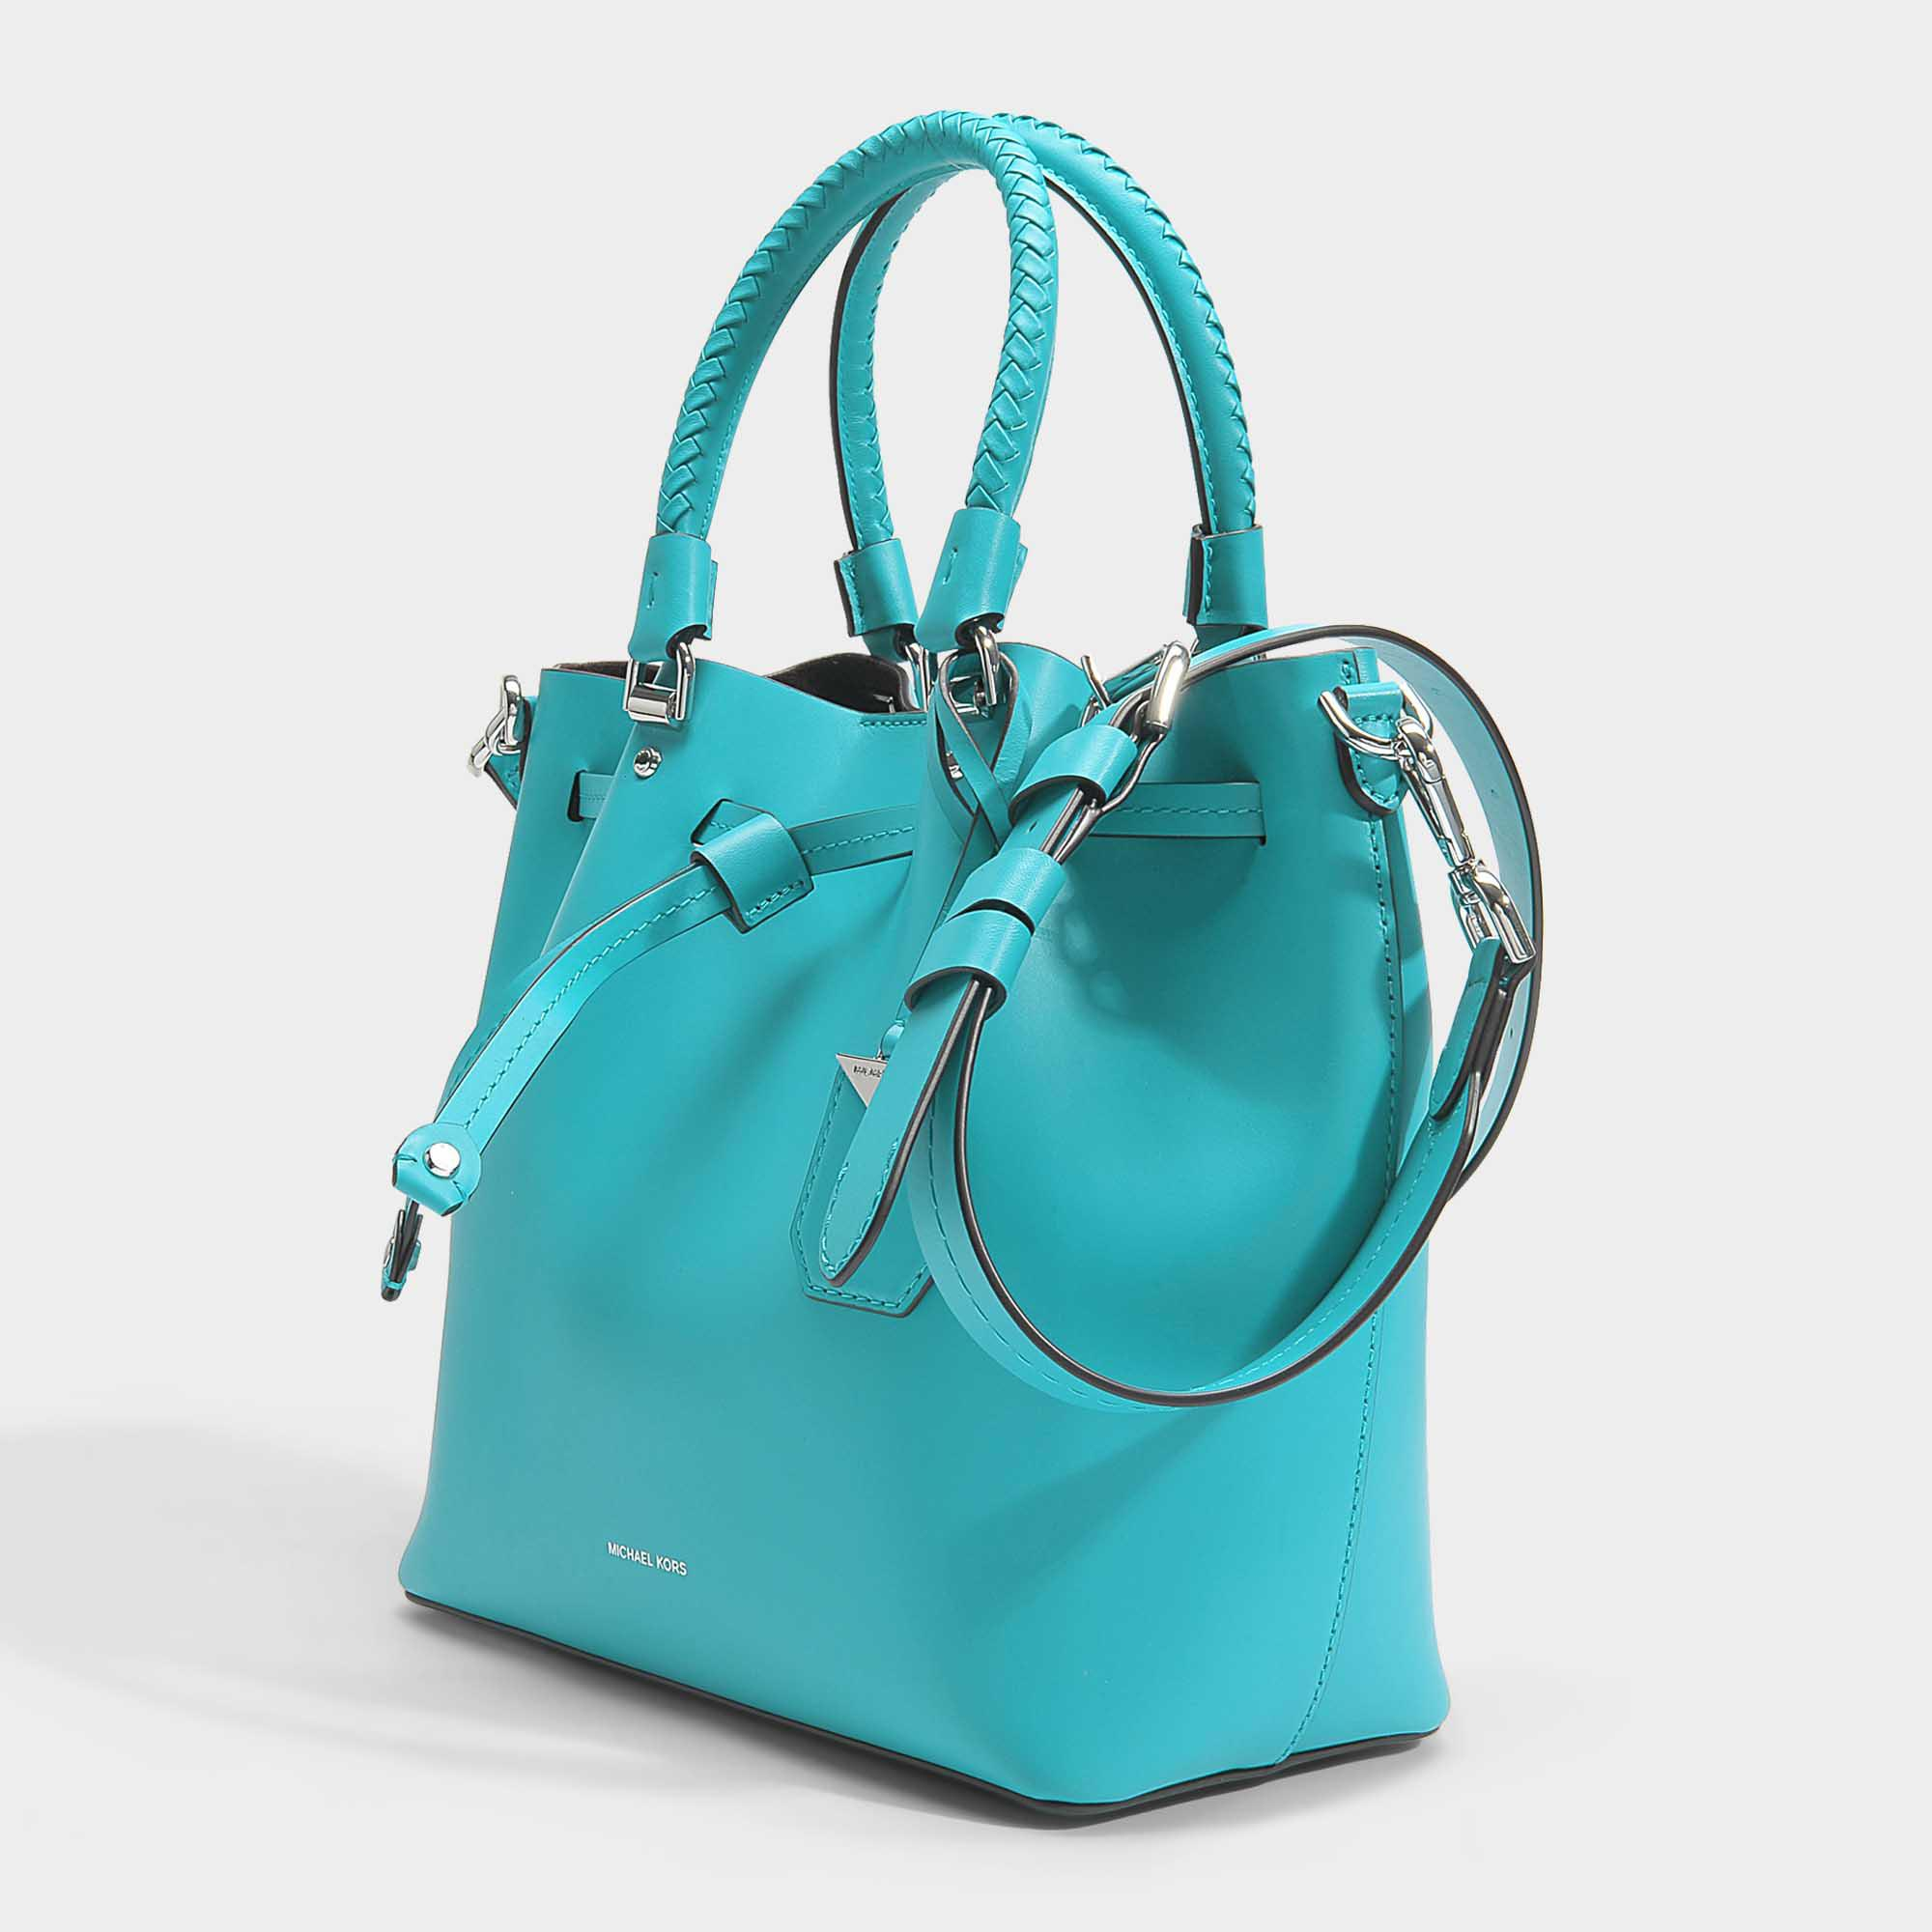 Blakely Medium Bucket Bag In Tile Blue Viola Leather